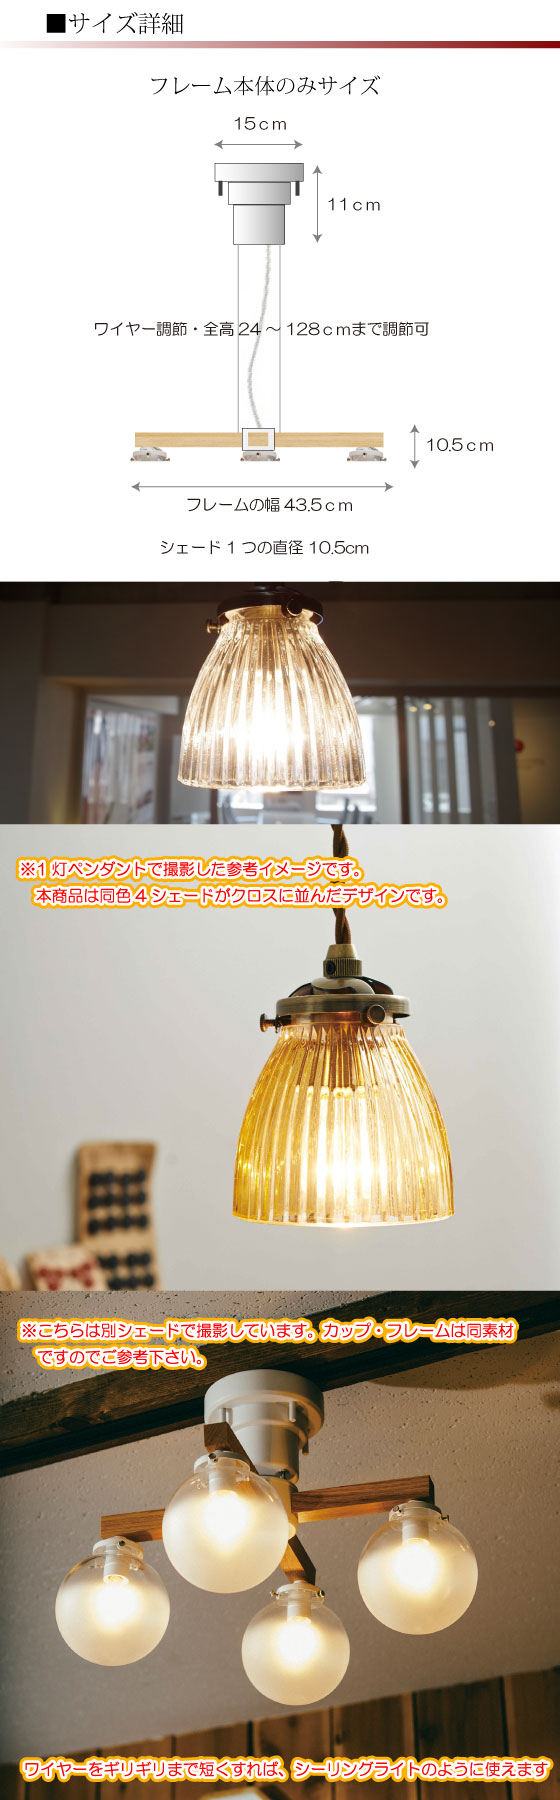 加工ガラス・4灯ペンダントランプ(クロスデザイン・LED対応)